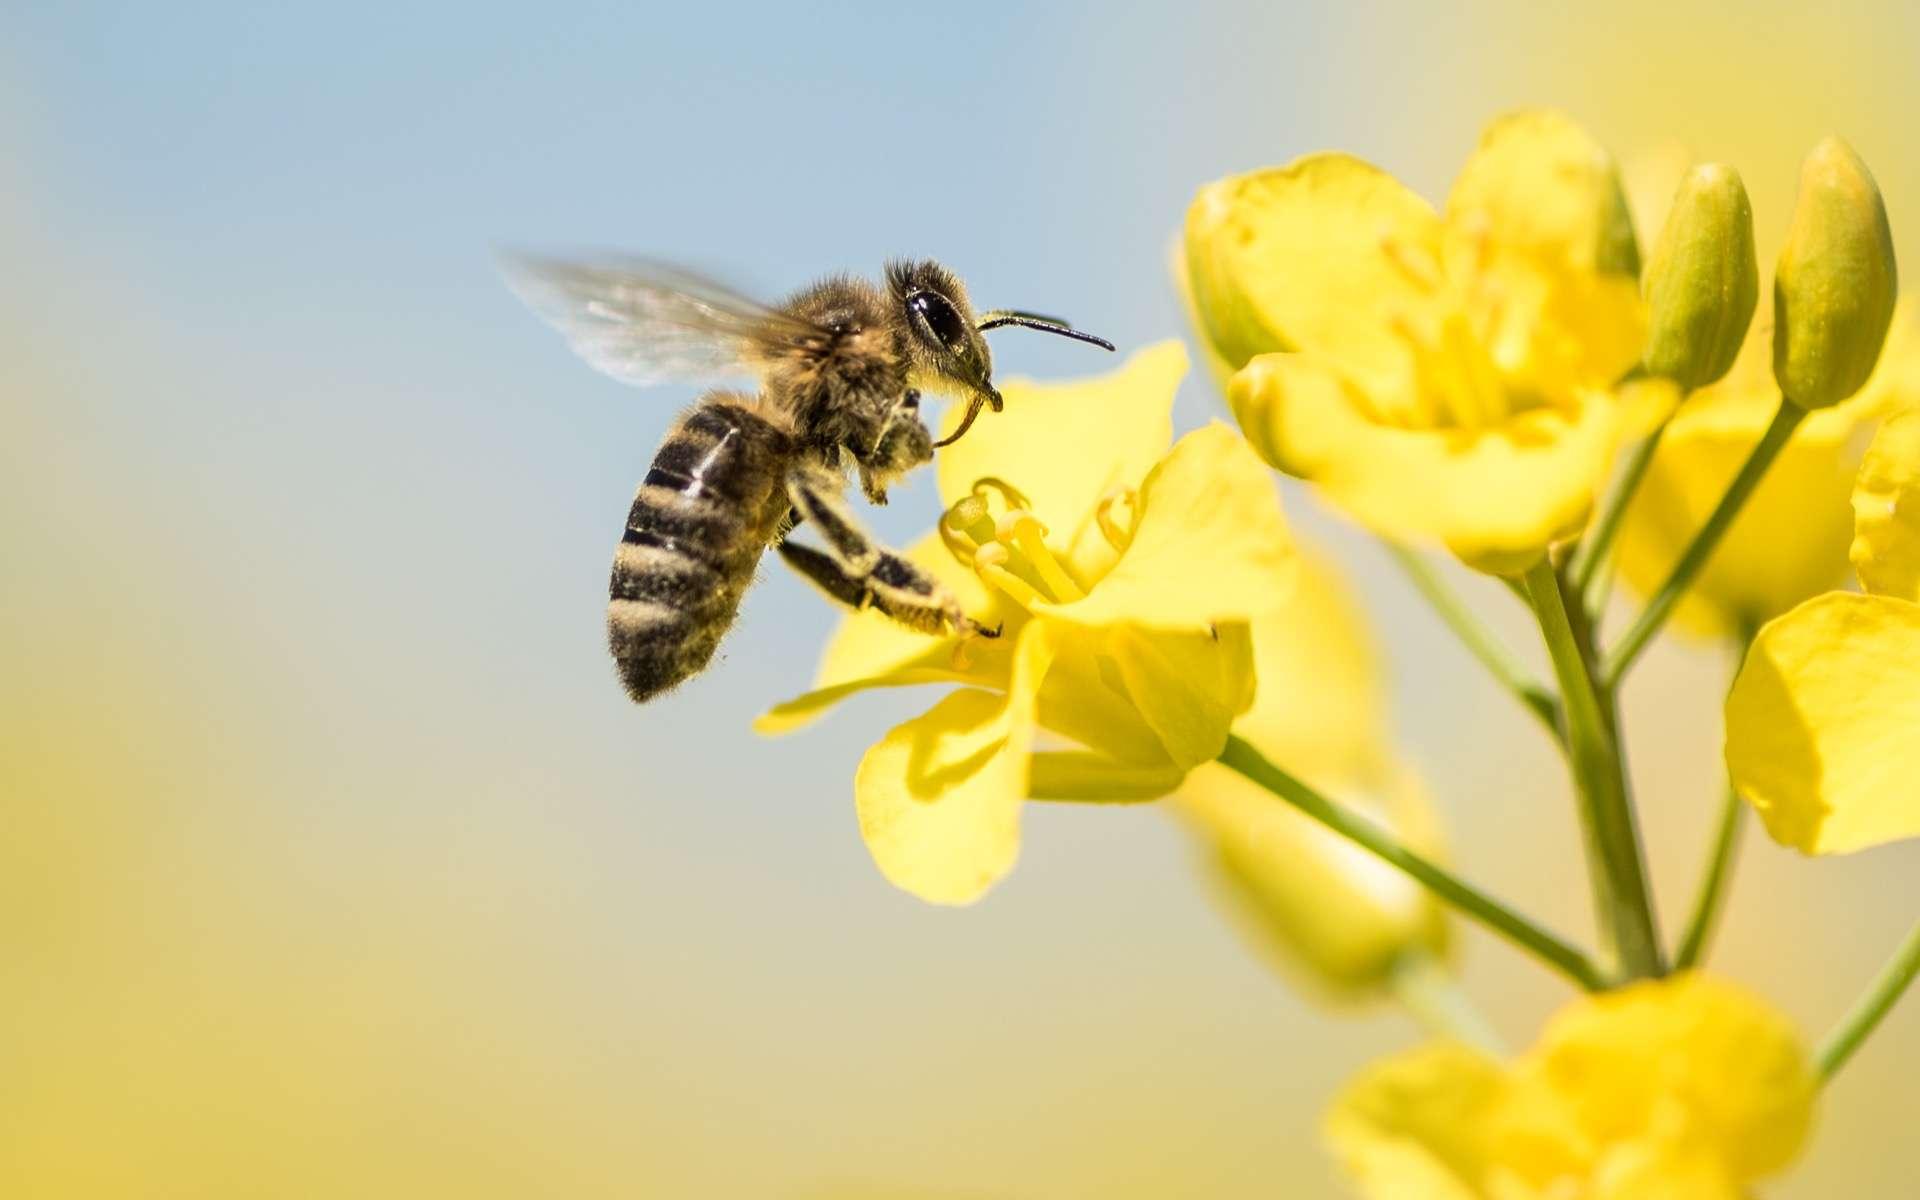 Certains pesticides persistent longtemps après leur interdiction et continuent de tuer les abeilles. © K. Thalhofer, Adobe Stock